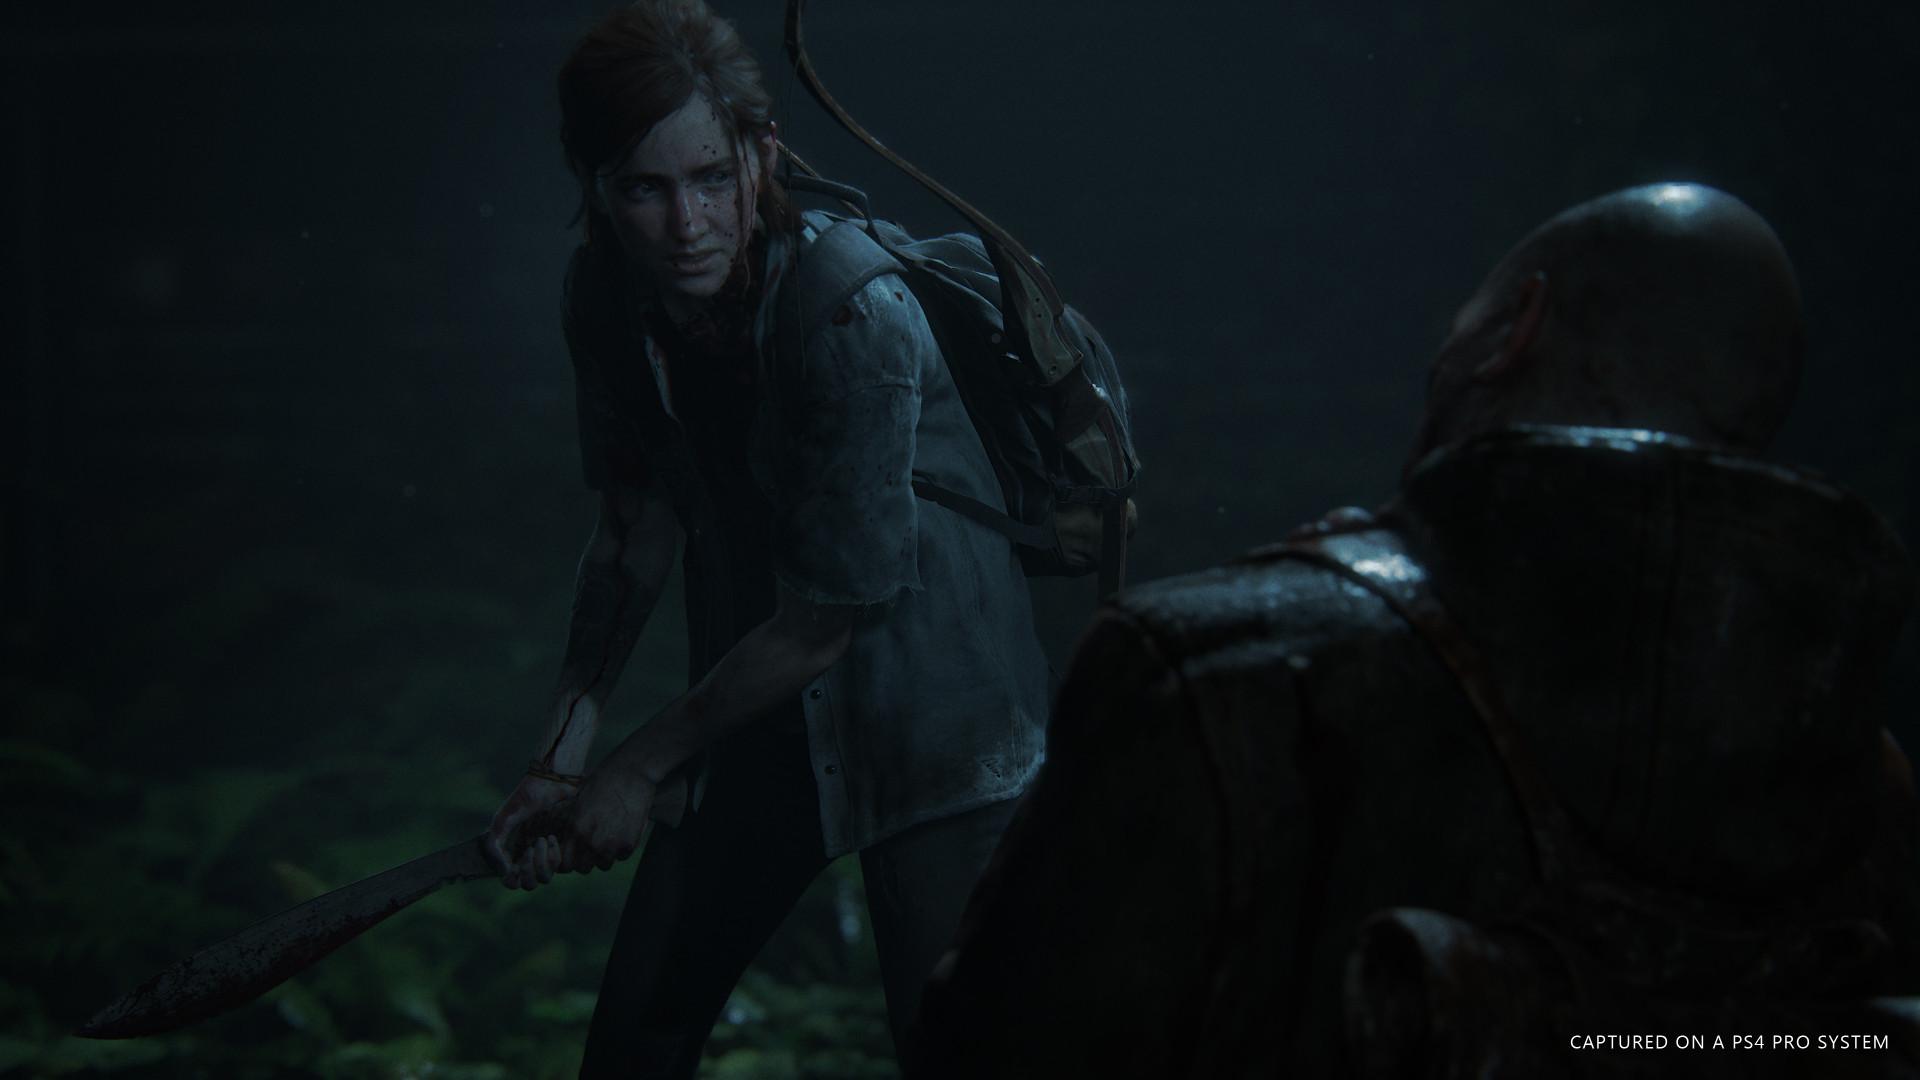 Новые подробности о The Last of Us: Part 2 — мультиплеер, кастомизация персонажа и донат